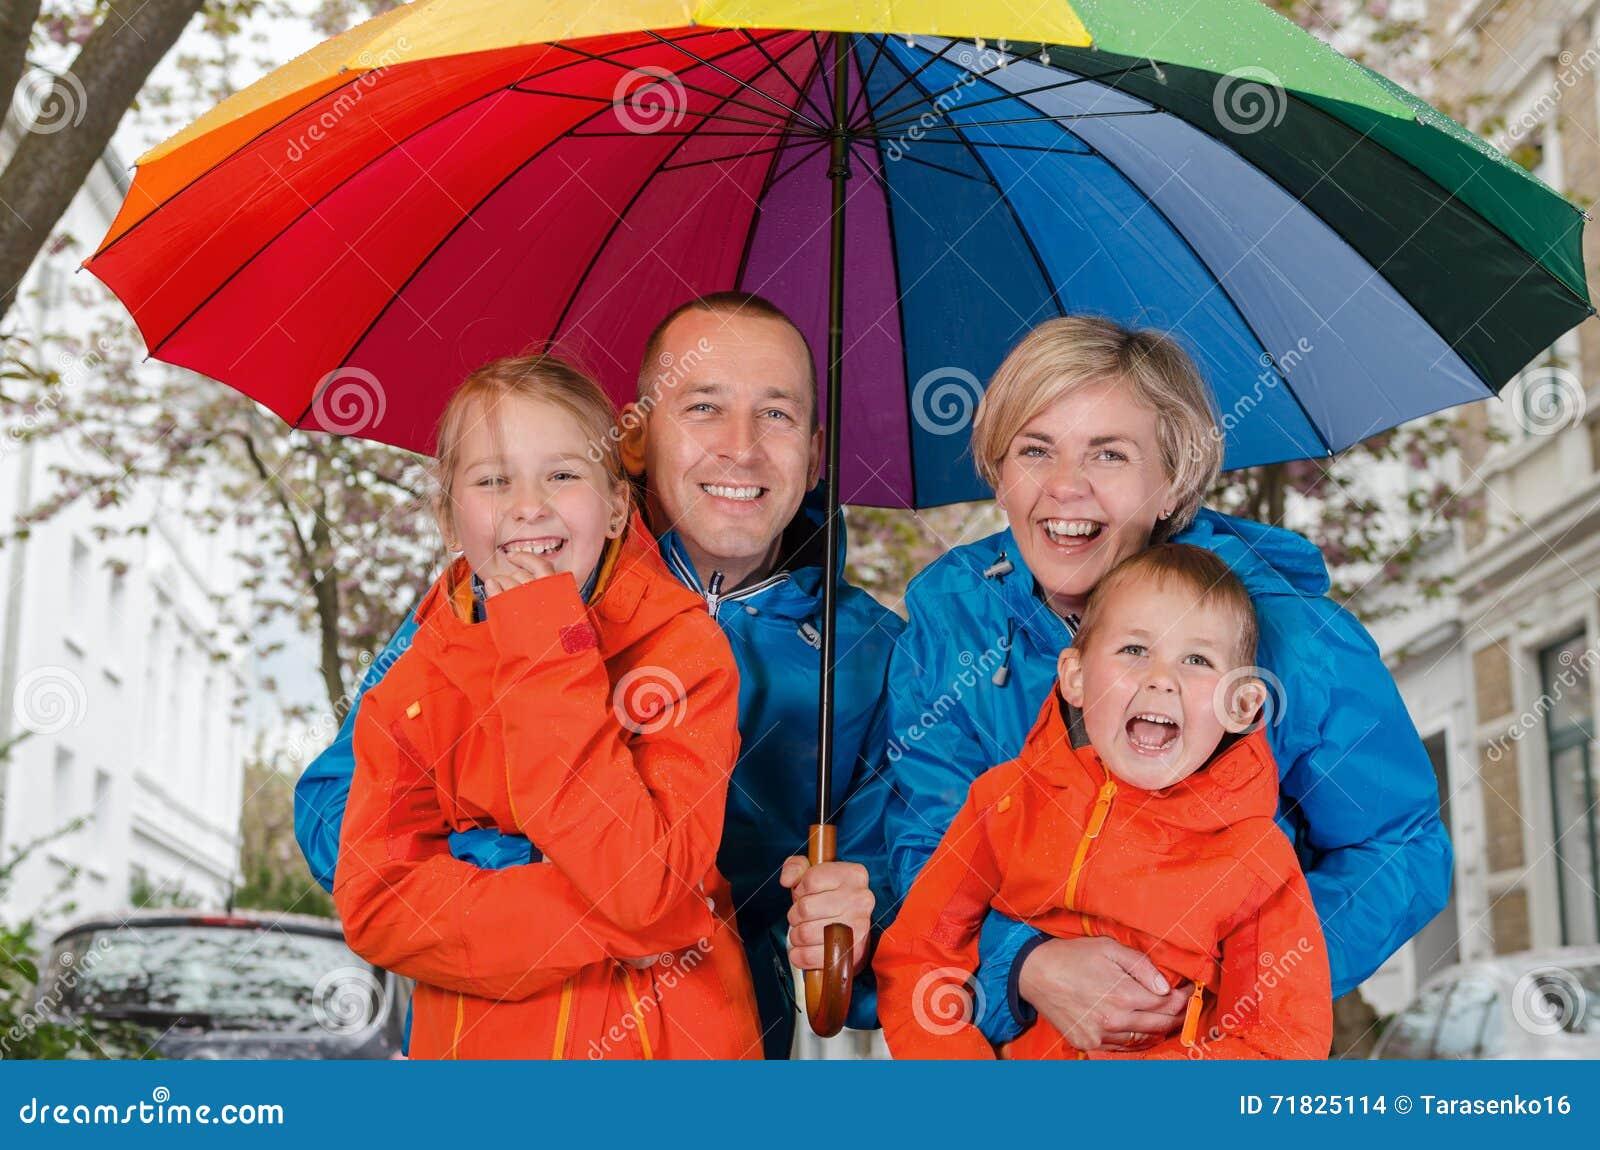 Happy Rain Family Smile Under Umbrella Stock Photo - Image of happy ...